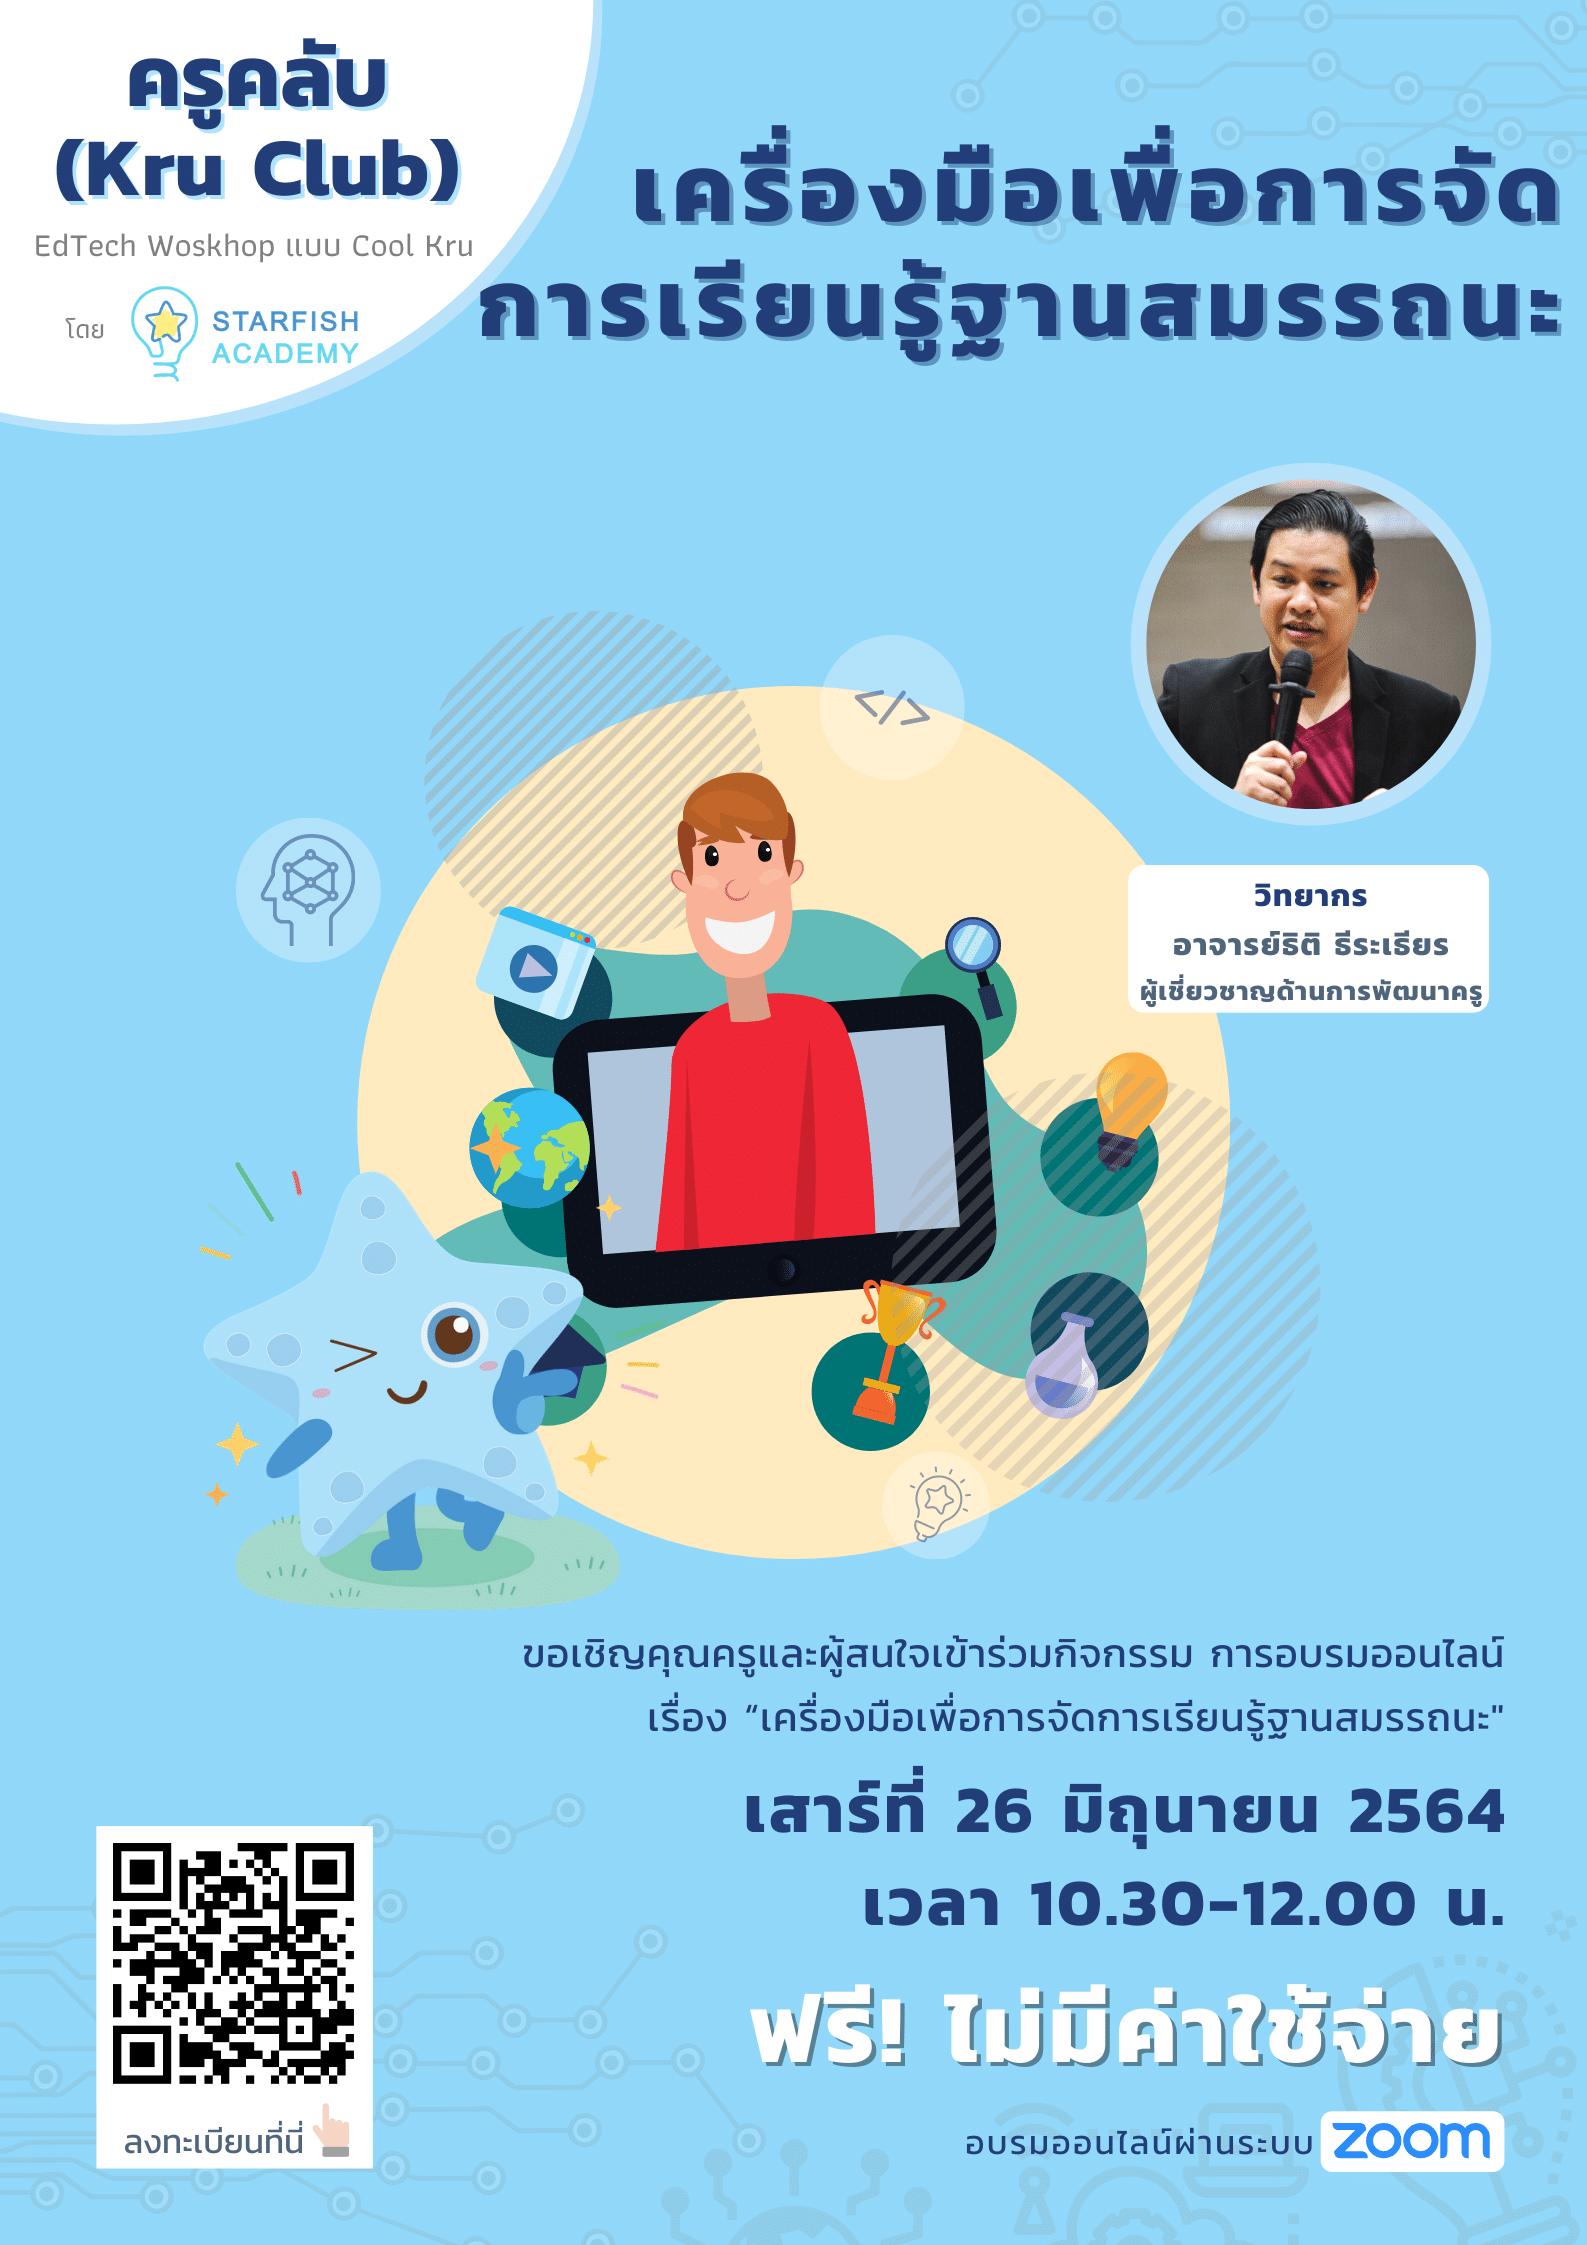 เปิดลงทะเบียนแล้ว!! Workshop หัวข้อ เครื่องมือเพื่อการจัดการเรียนรู้ฐานสมรรถนะ วันที่ 26 มิถุนายน 2564  จาก Starfish Academy